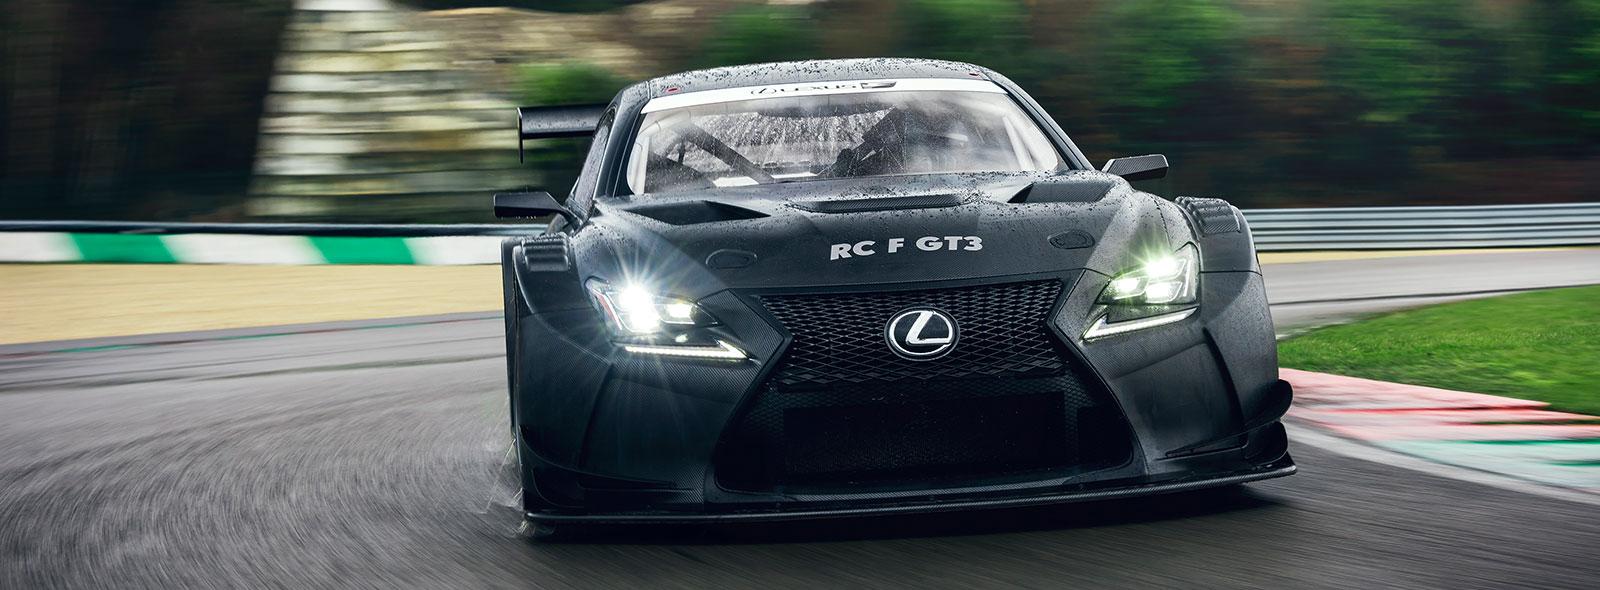 Lexus Racing RC F GT3 framifrån